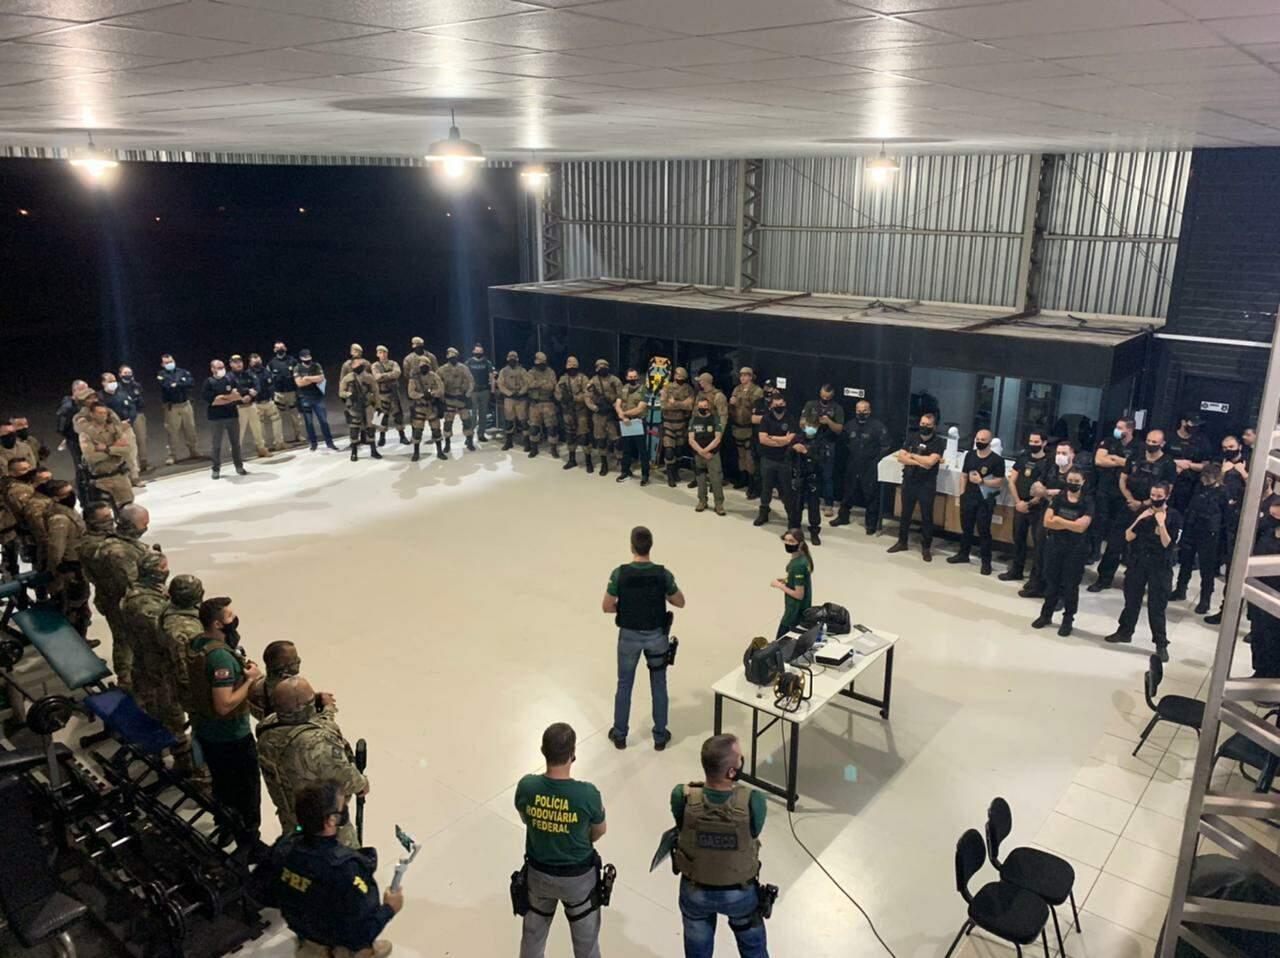 Policiais e agentes reunidos em Santa Catarina para o acerto dos últimos ajustes antes da deflagração da operação, no início desta manhã (Foto: MPSC/Divulgação)